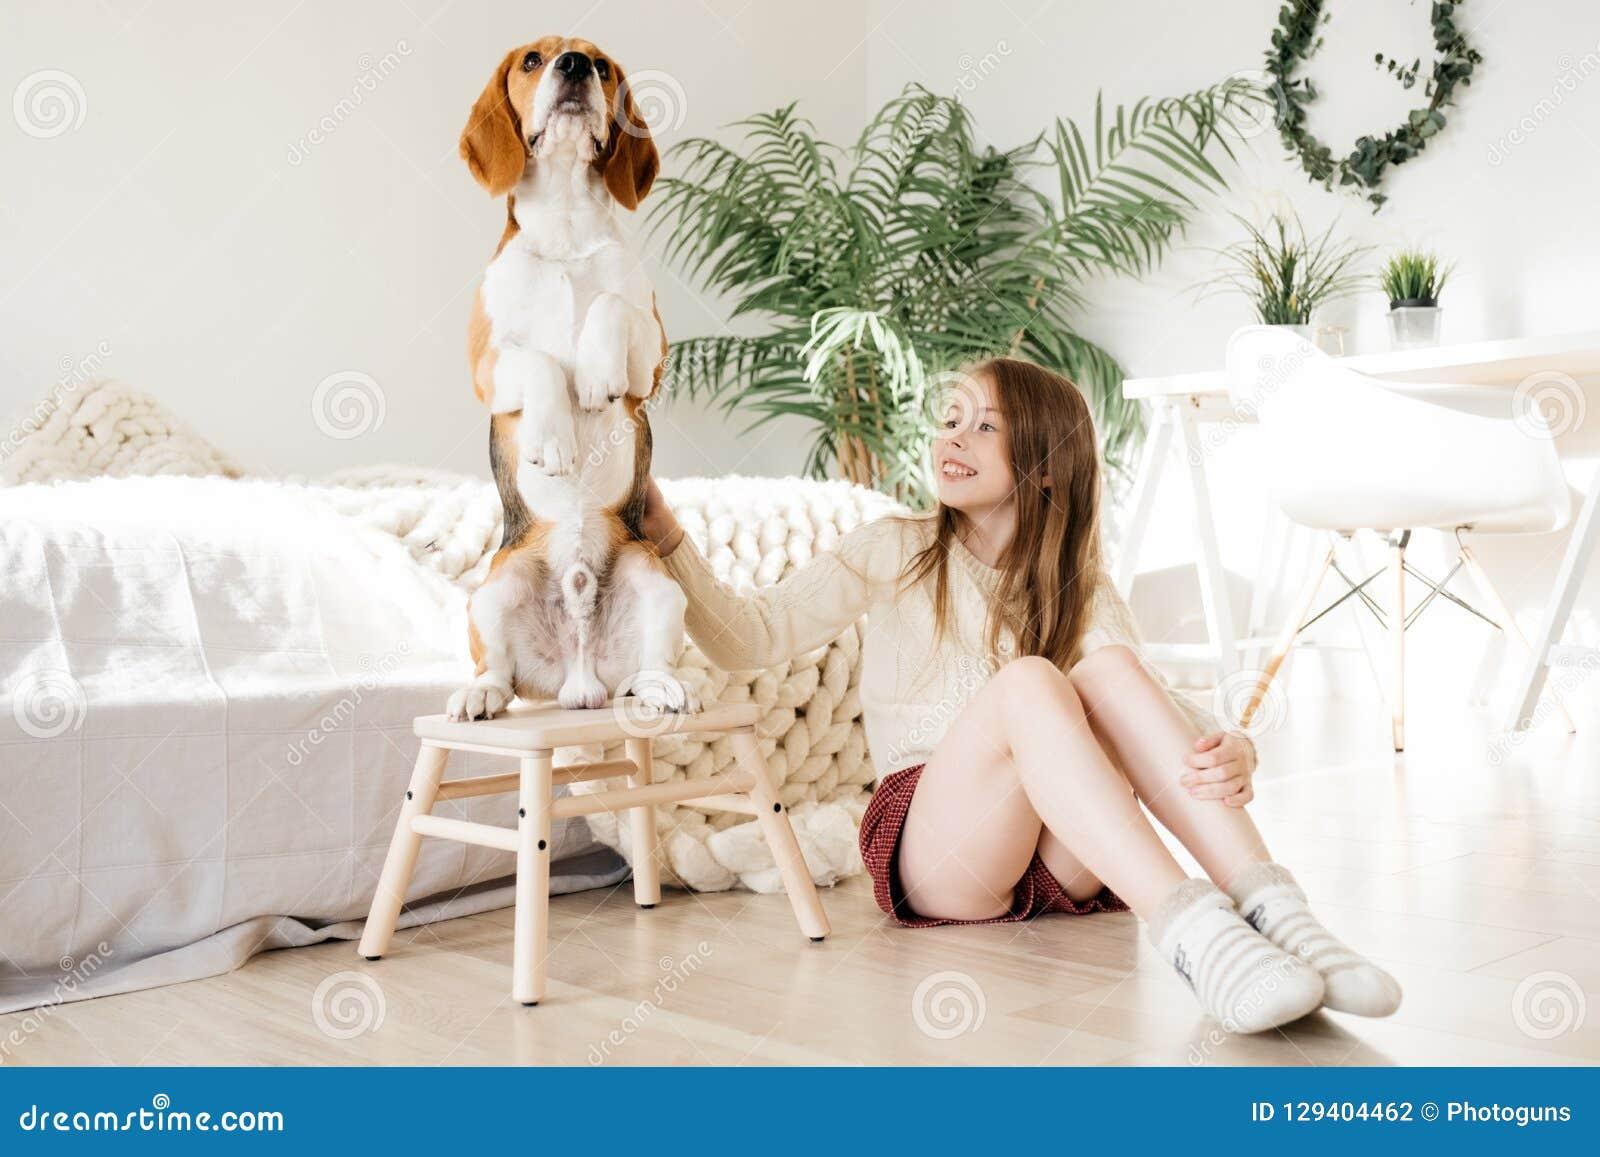 Молодая девушка красивого ребенка обнимая собаку бигля щенка собака стоя вверх на 2 ногах счастье и приятельство, девушка играя с